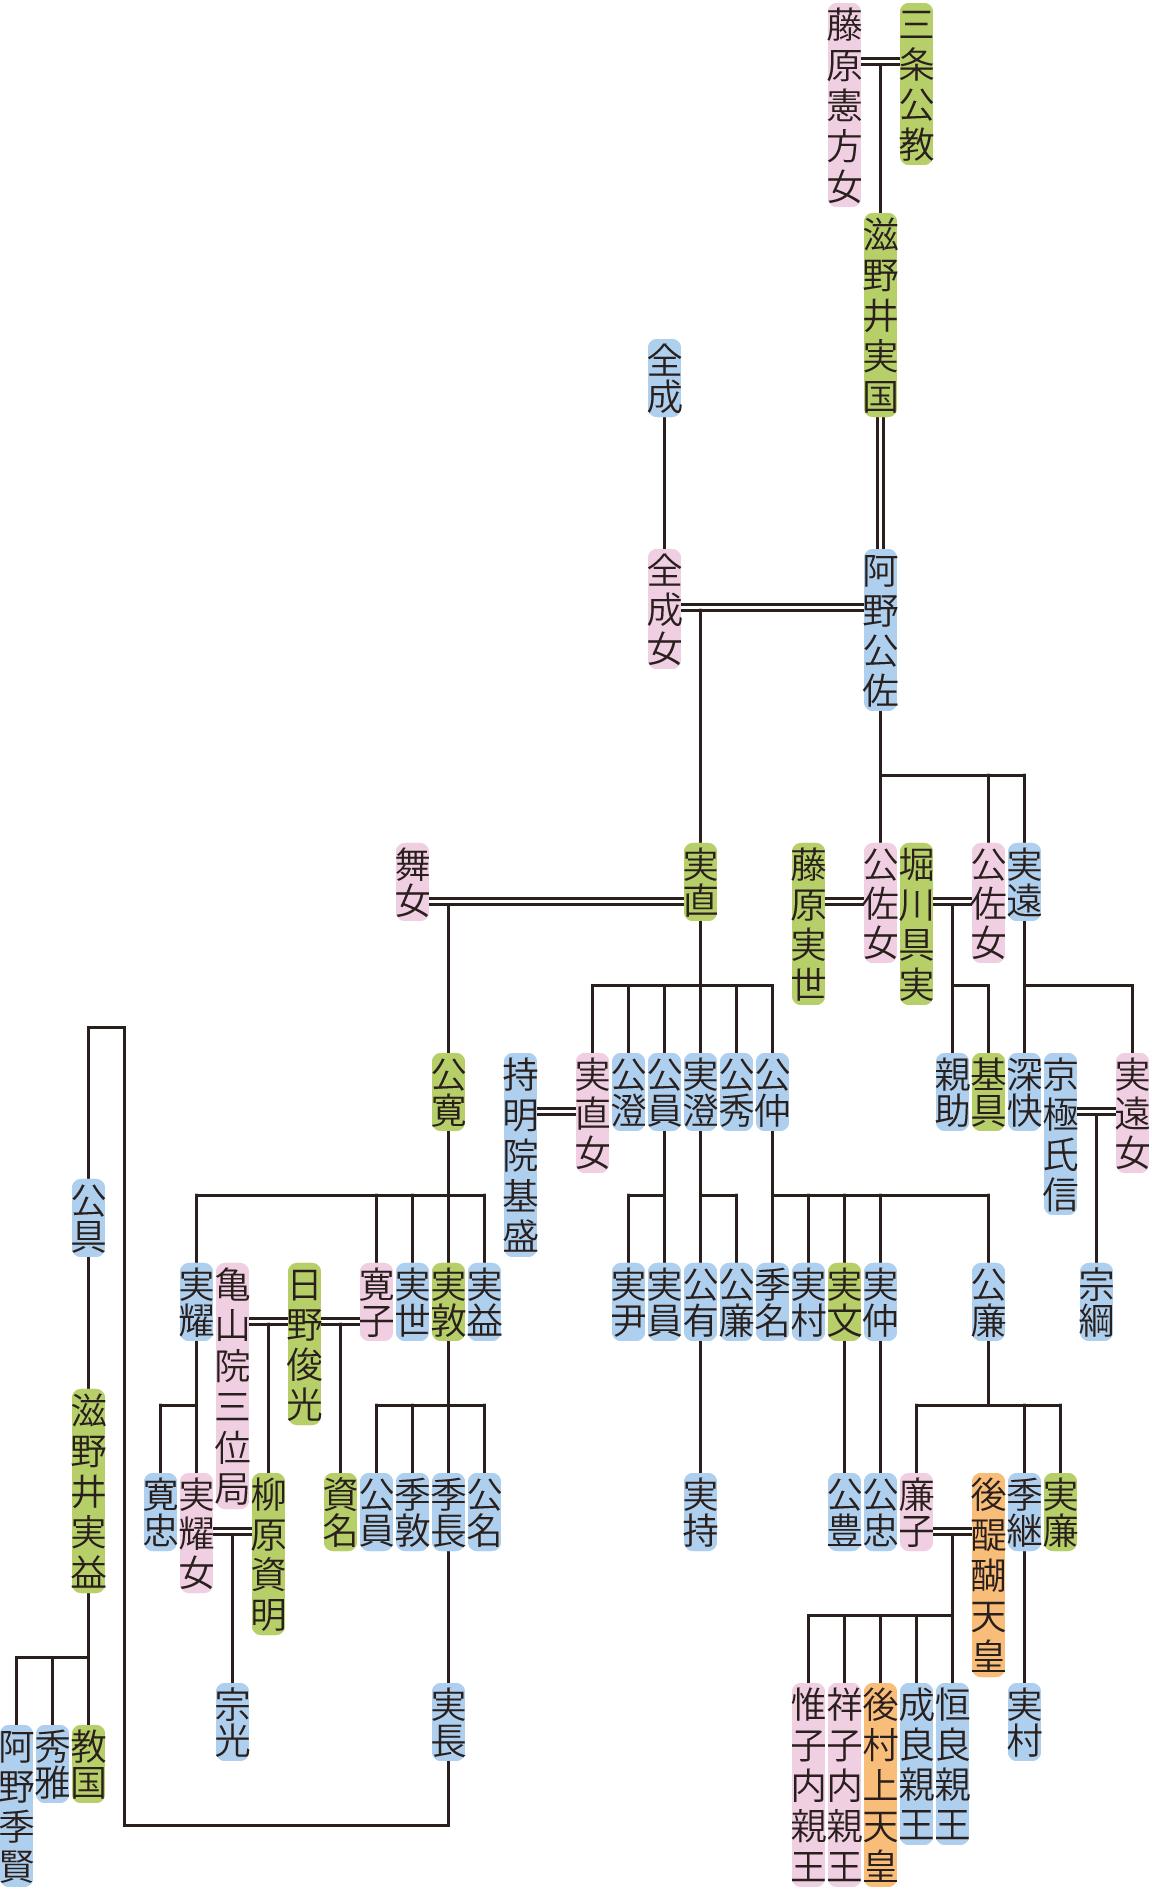 阿野公佐~公廉の系図